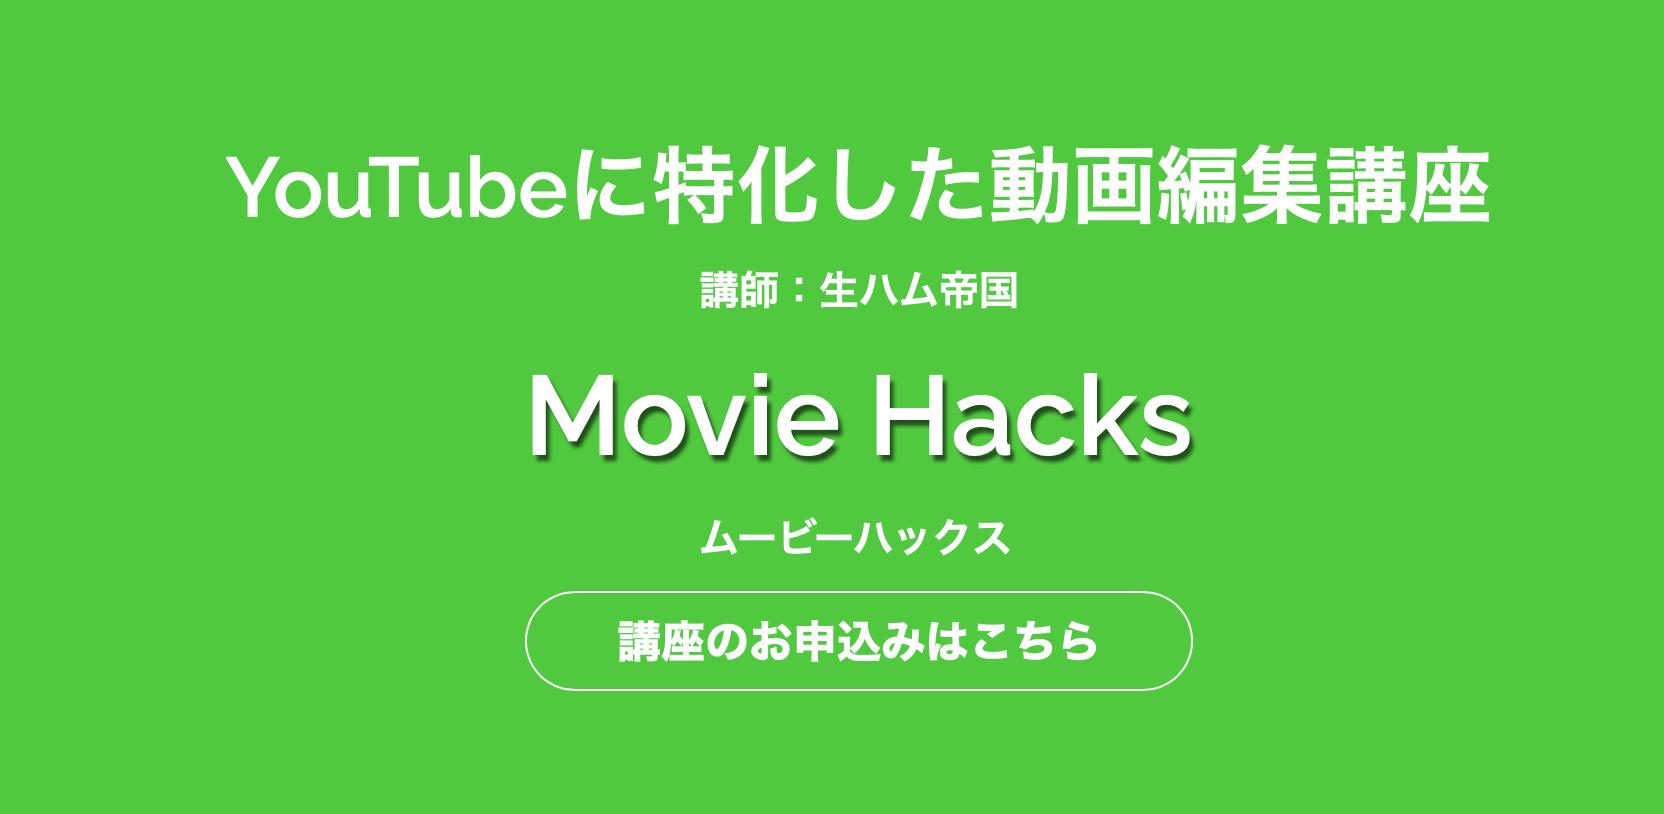 【実際どう?】Movie Hacksの評判・口コミは?受講者の声を徹底分析